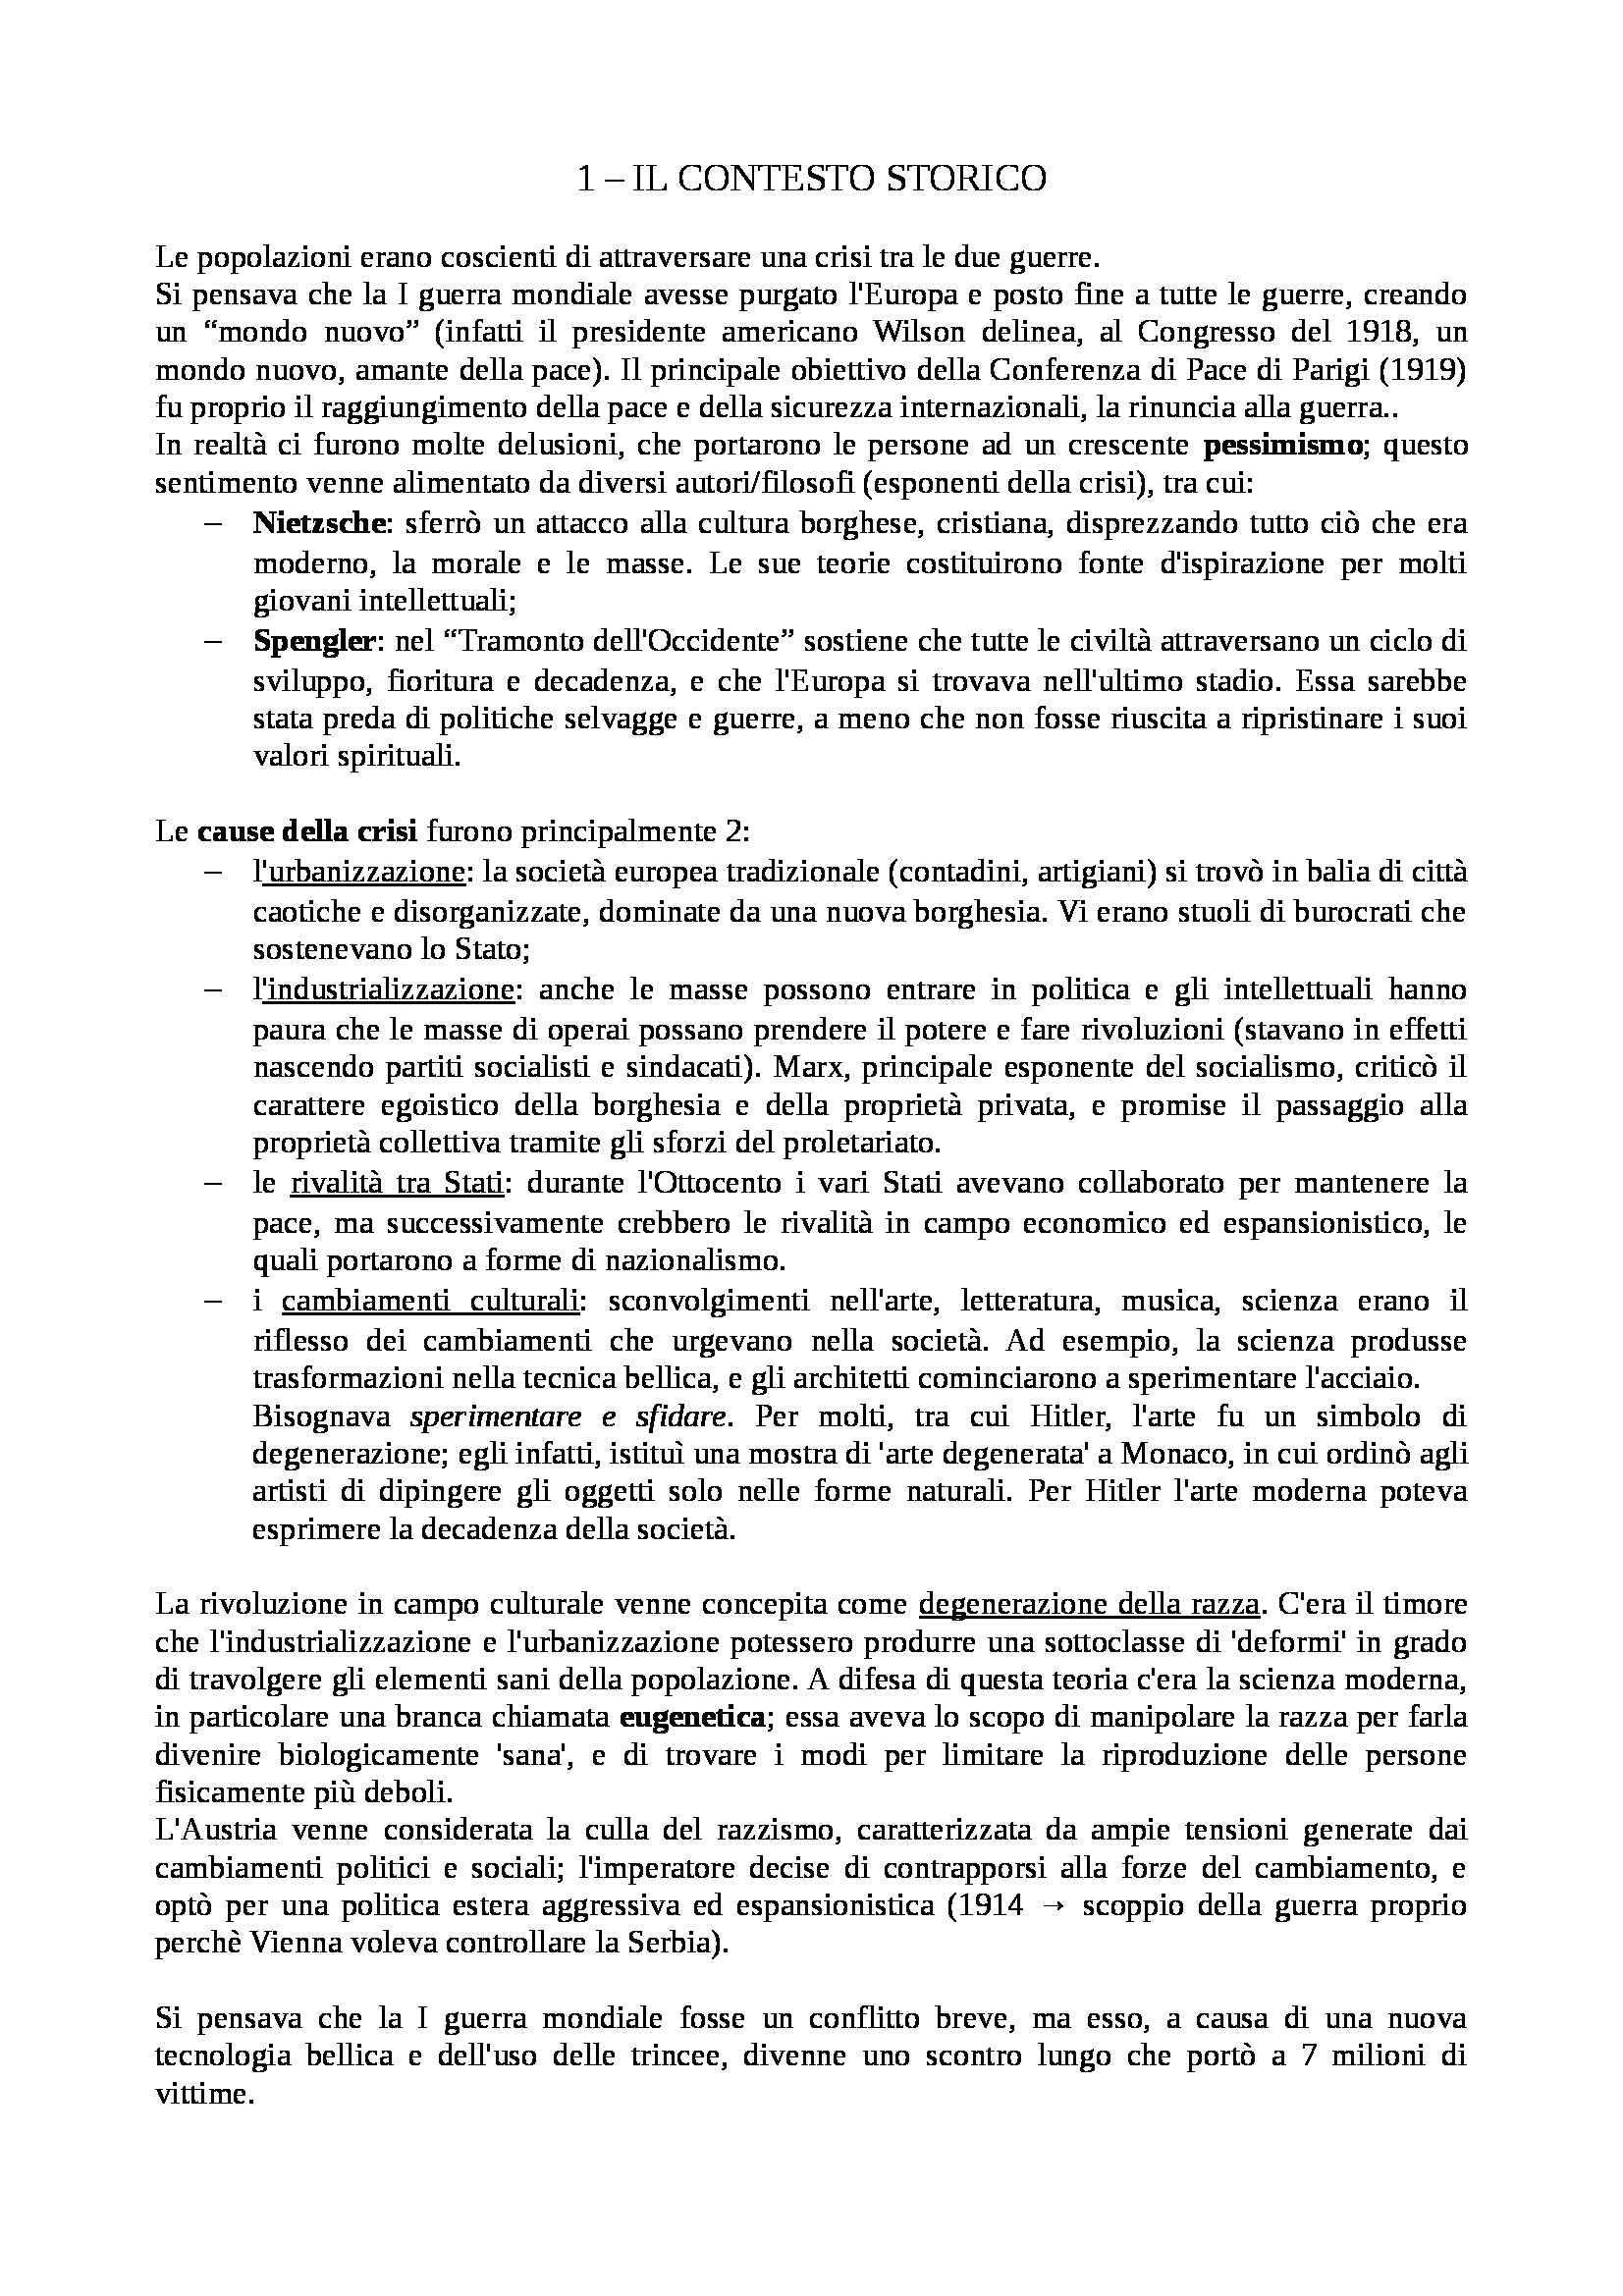 Riassunto esame Storia Contemporanea, prof. Novarino, libro consigliato Crisi tra le Due Guerre Mondiali 1919-1939 di Overy